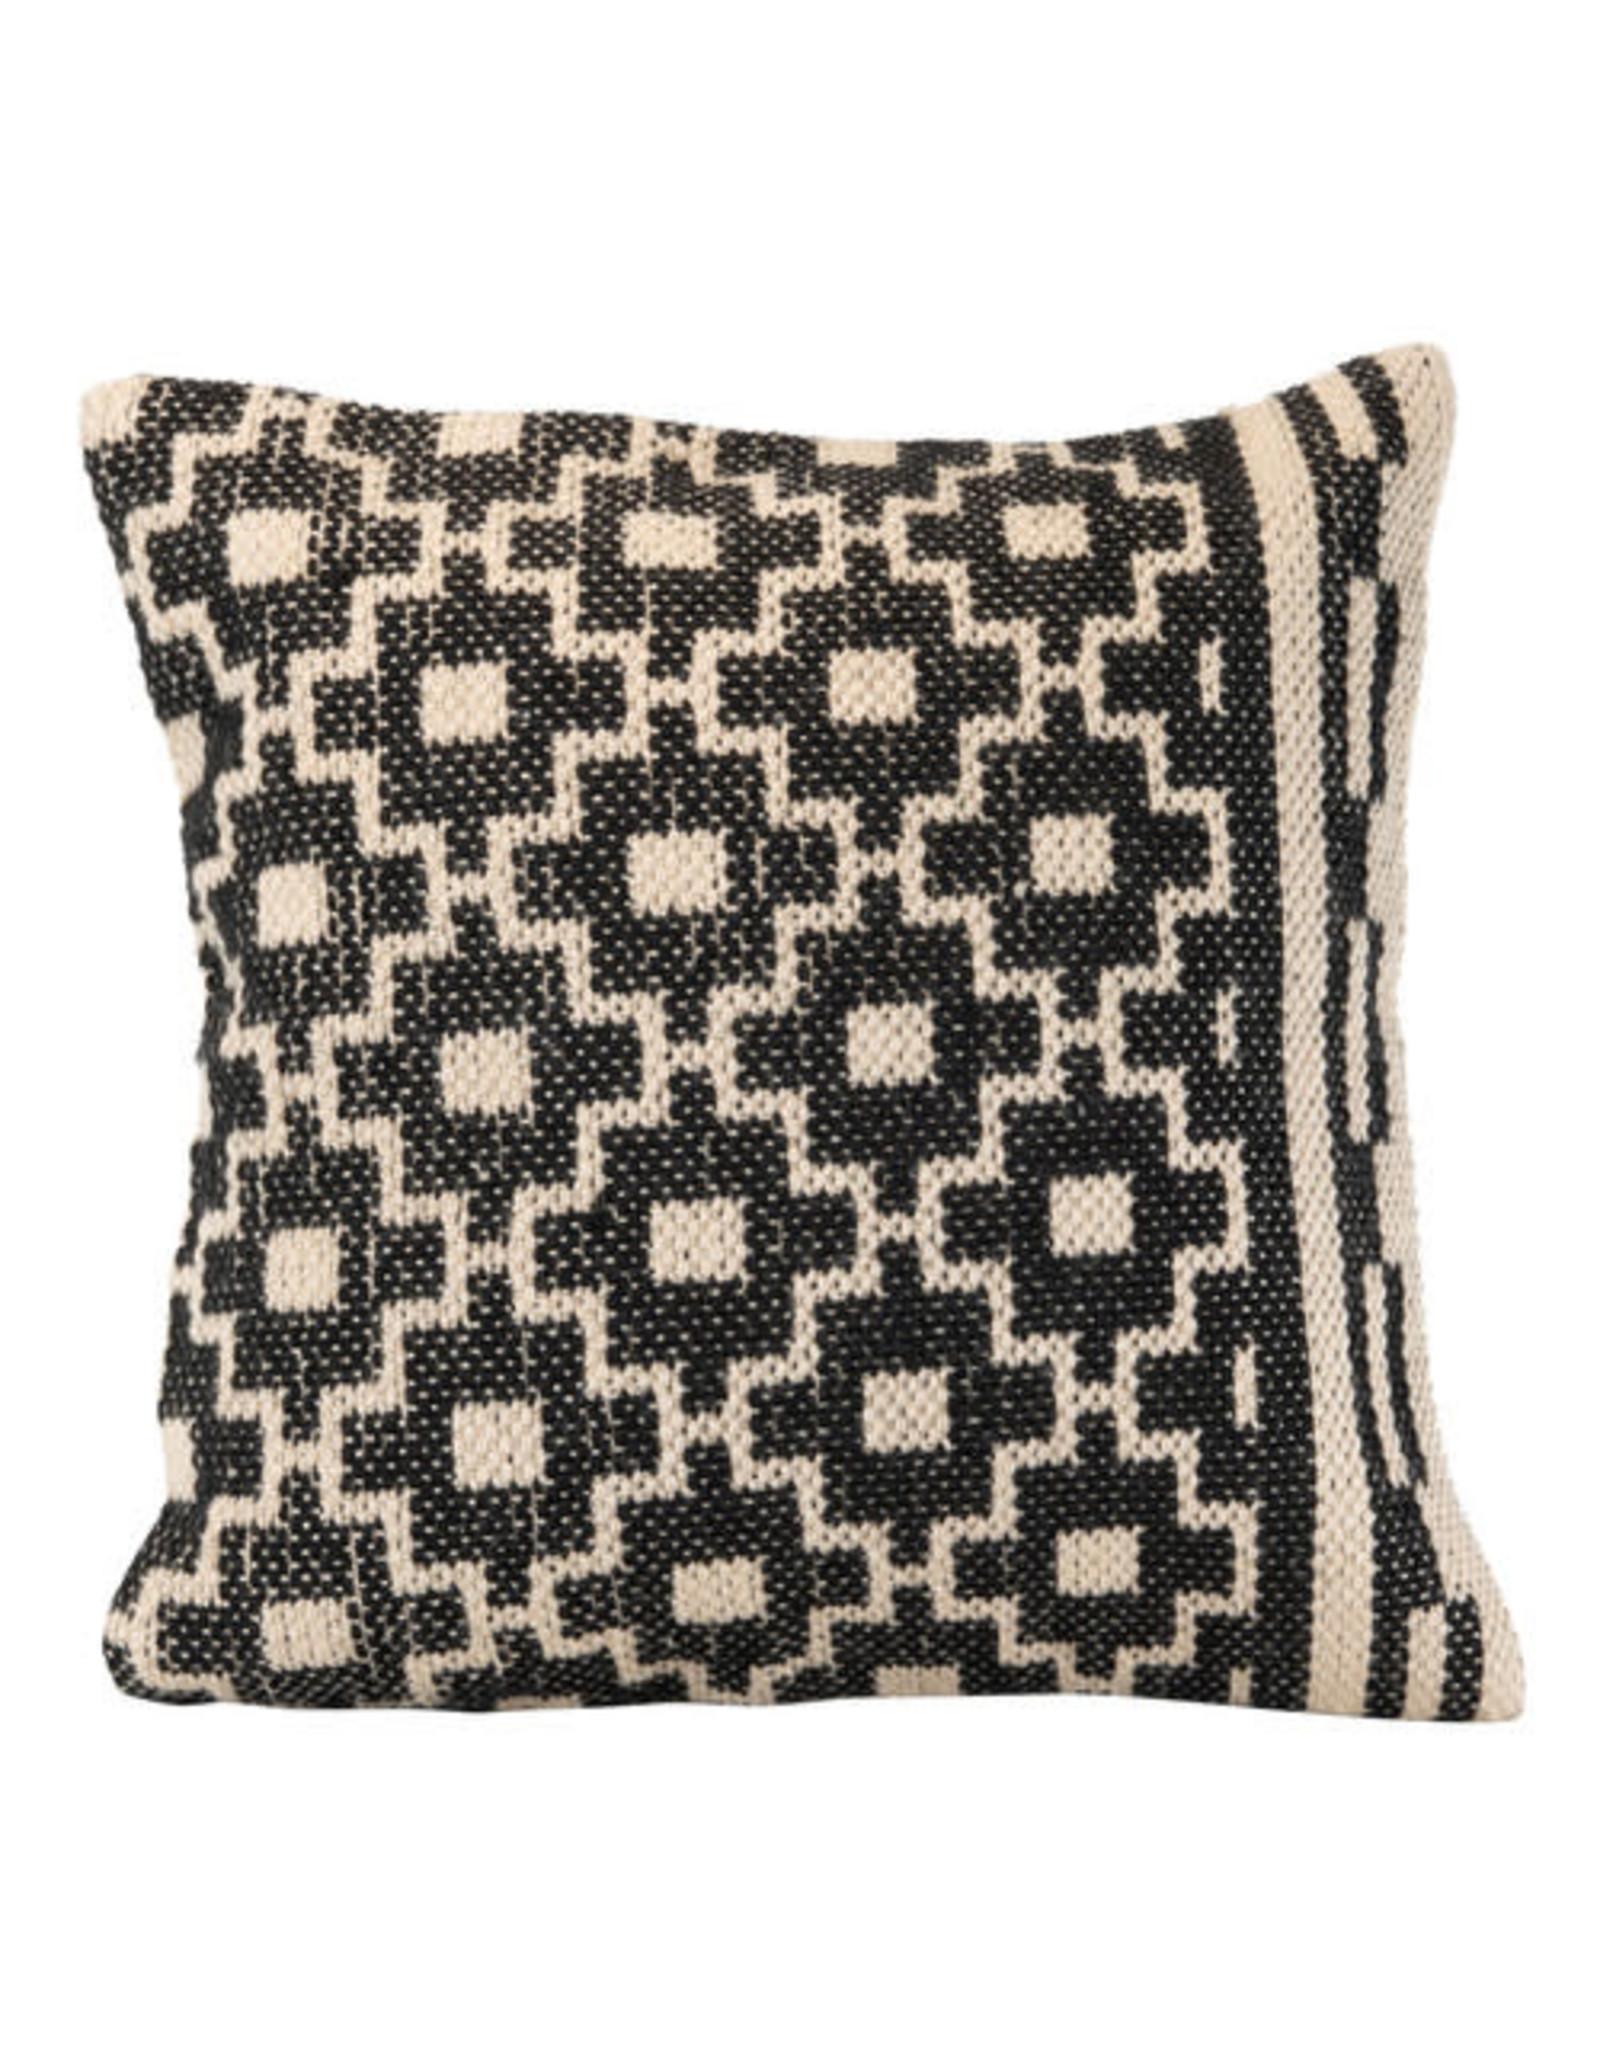 Foreside Home & Garden 18x18 Hand Woven Puebla Pillow